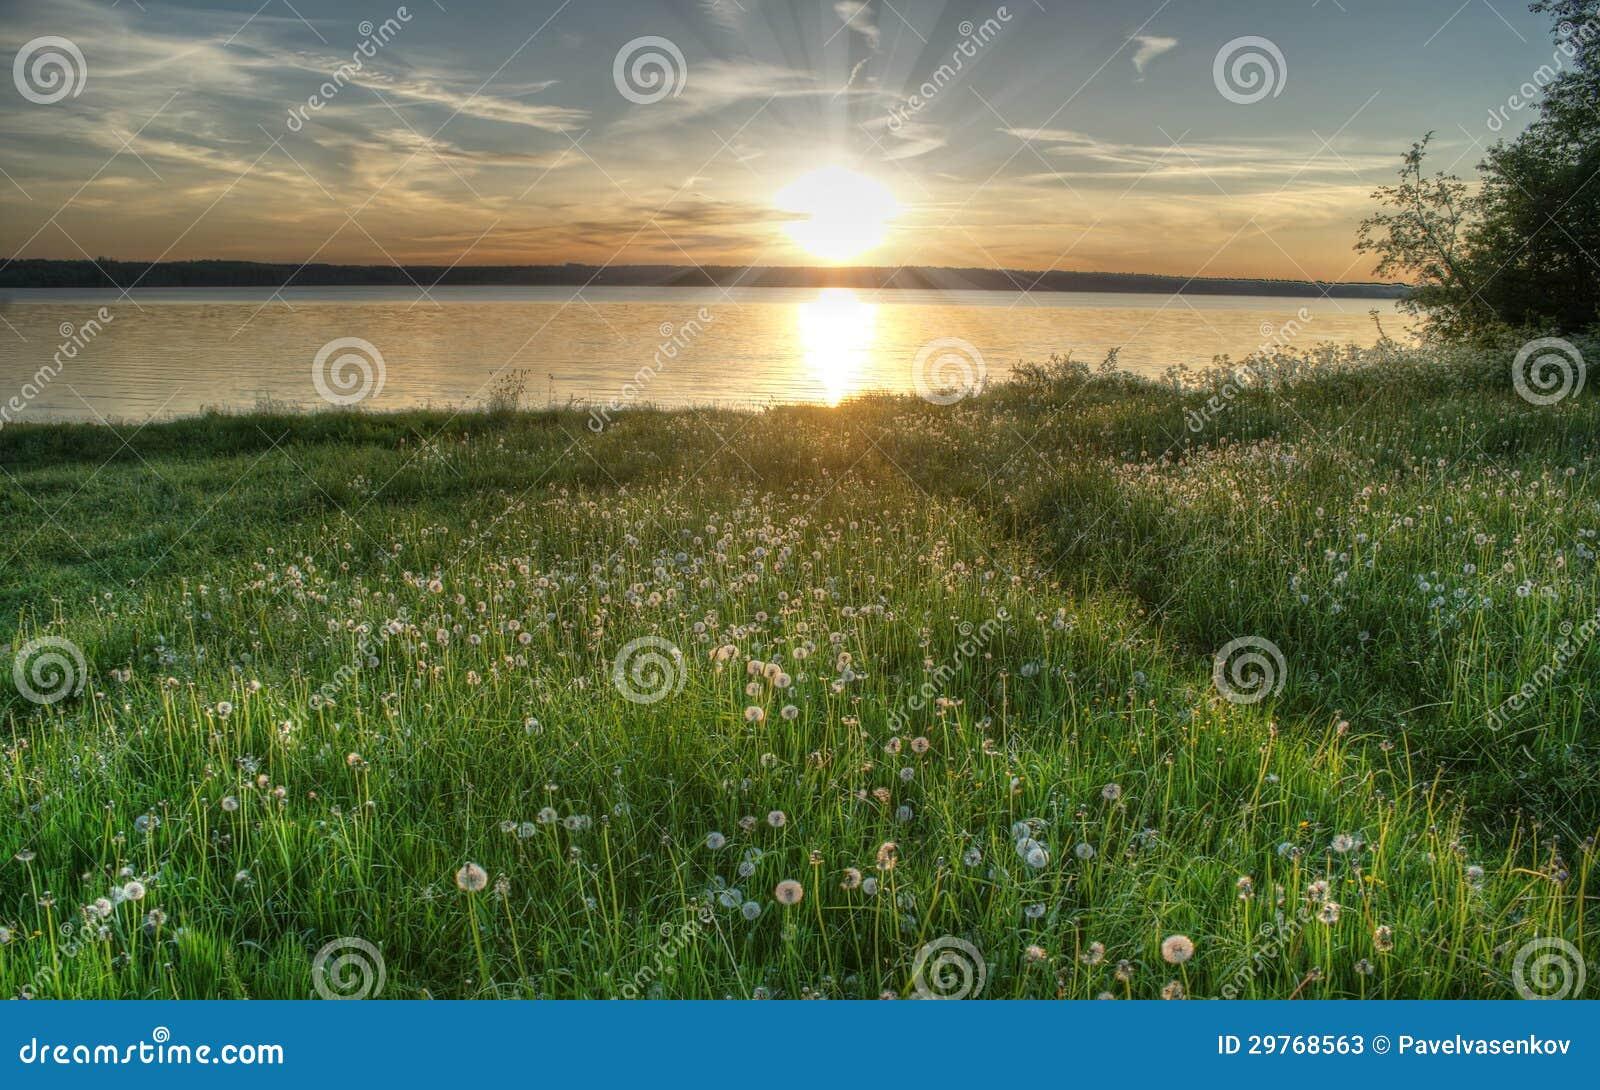 Заход солнца на озере, Valdai, Россия